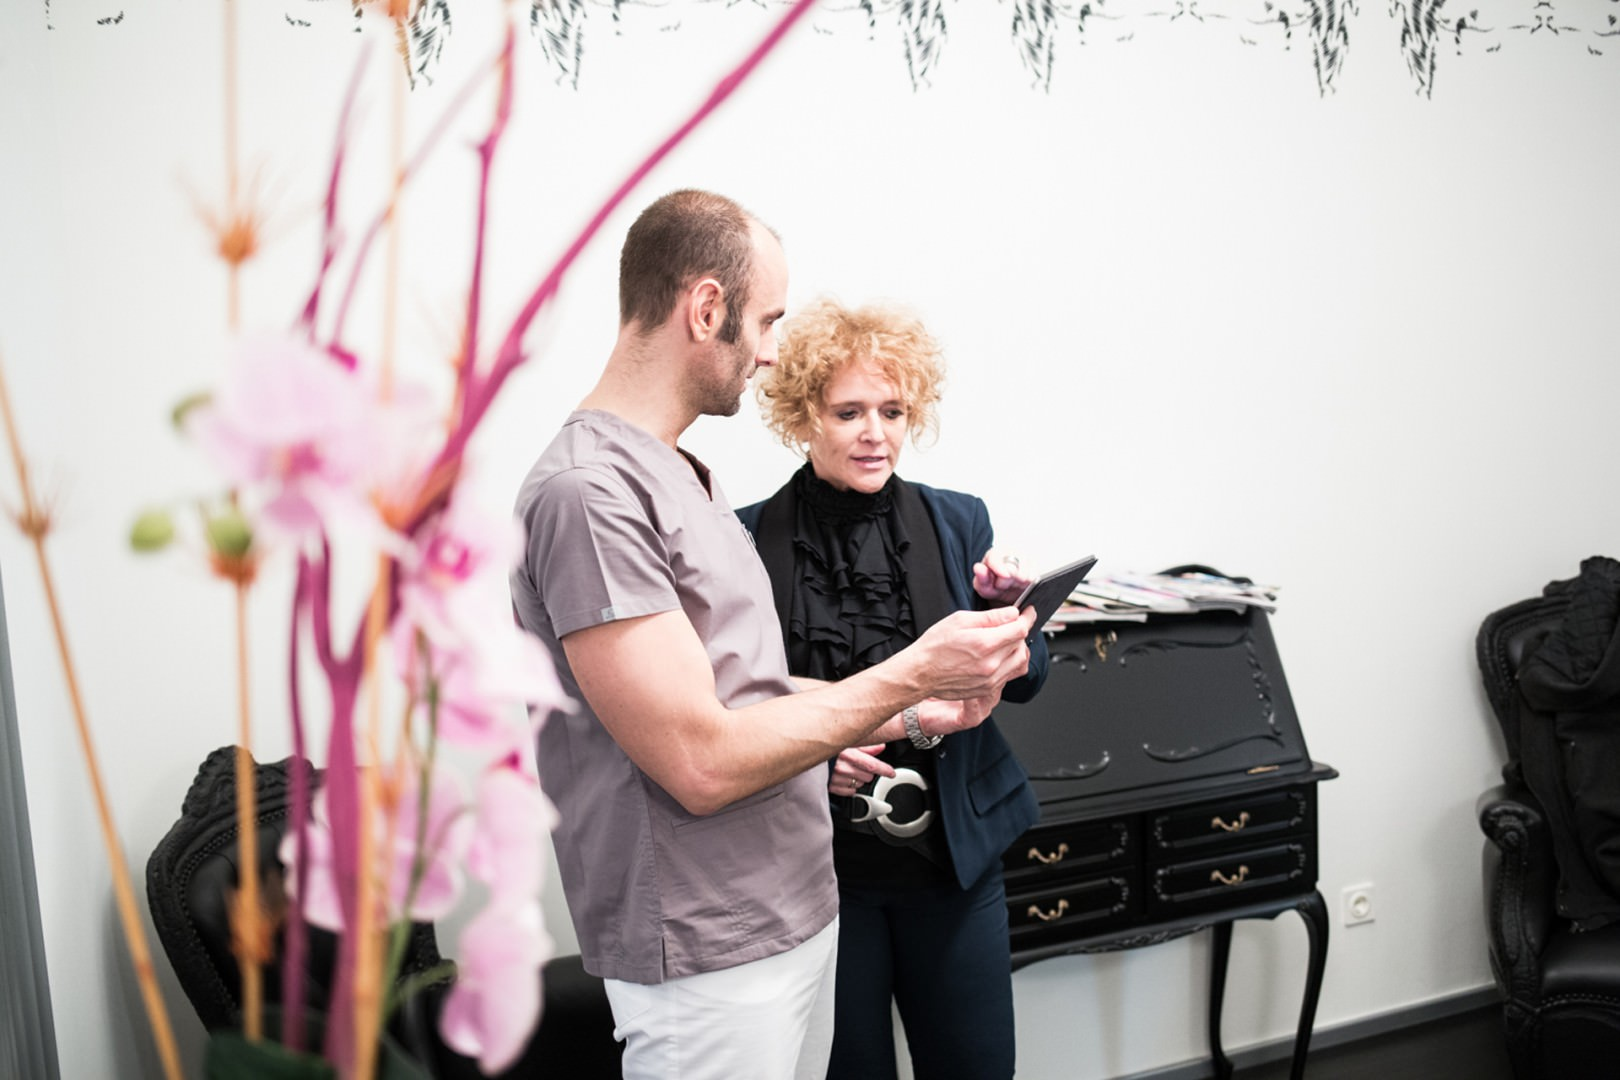 Zahnkultur Köln - Dr. Bechtold und Dagmar Spee über einem tablet in Besprechung